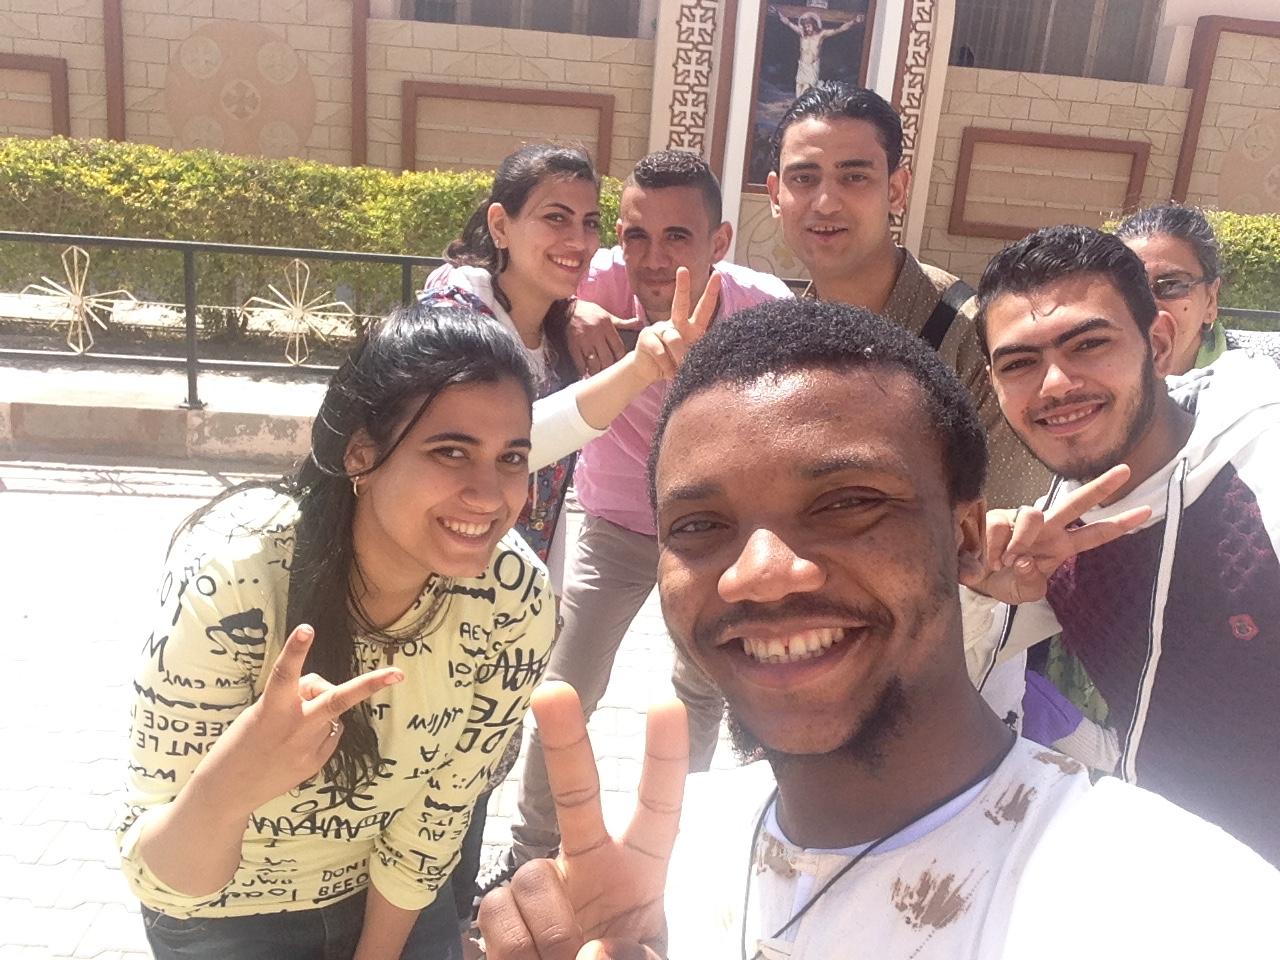 Avec des égyptiens qui m'apprirent quelques mots d'arabe